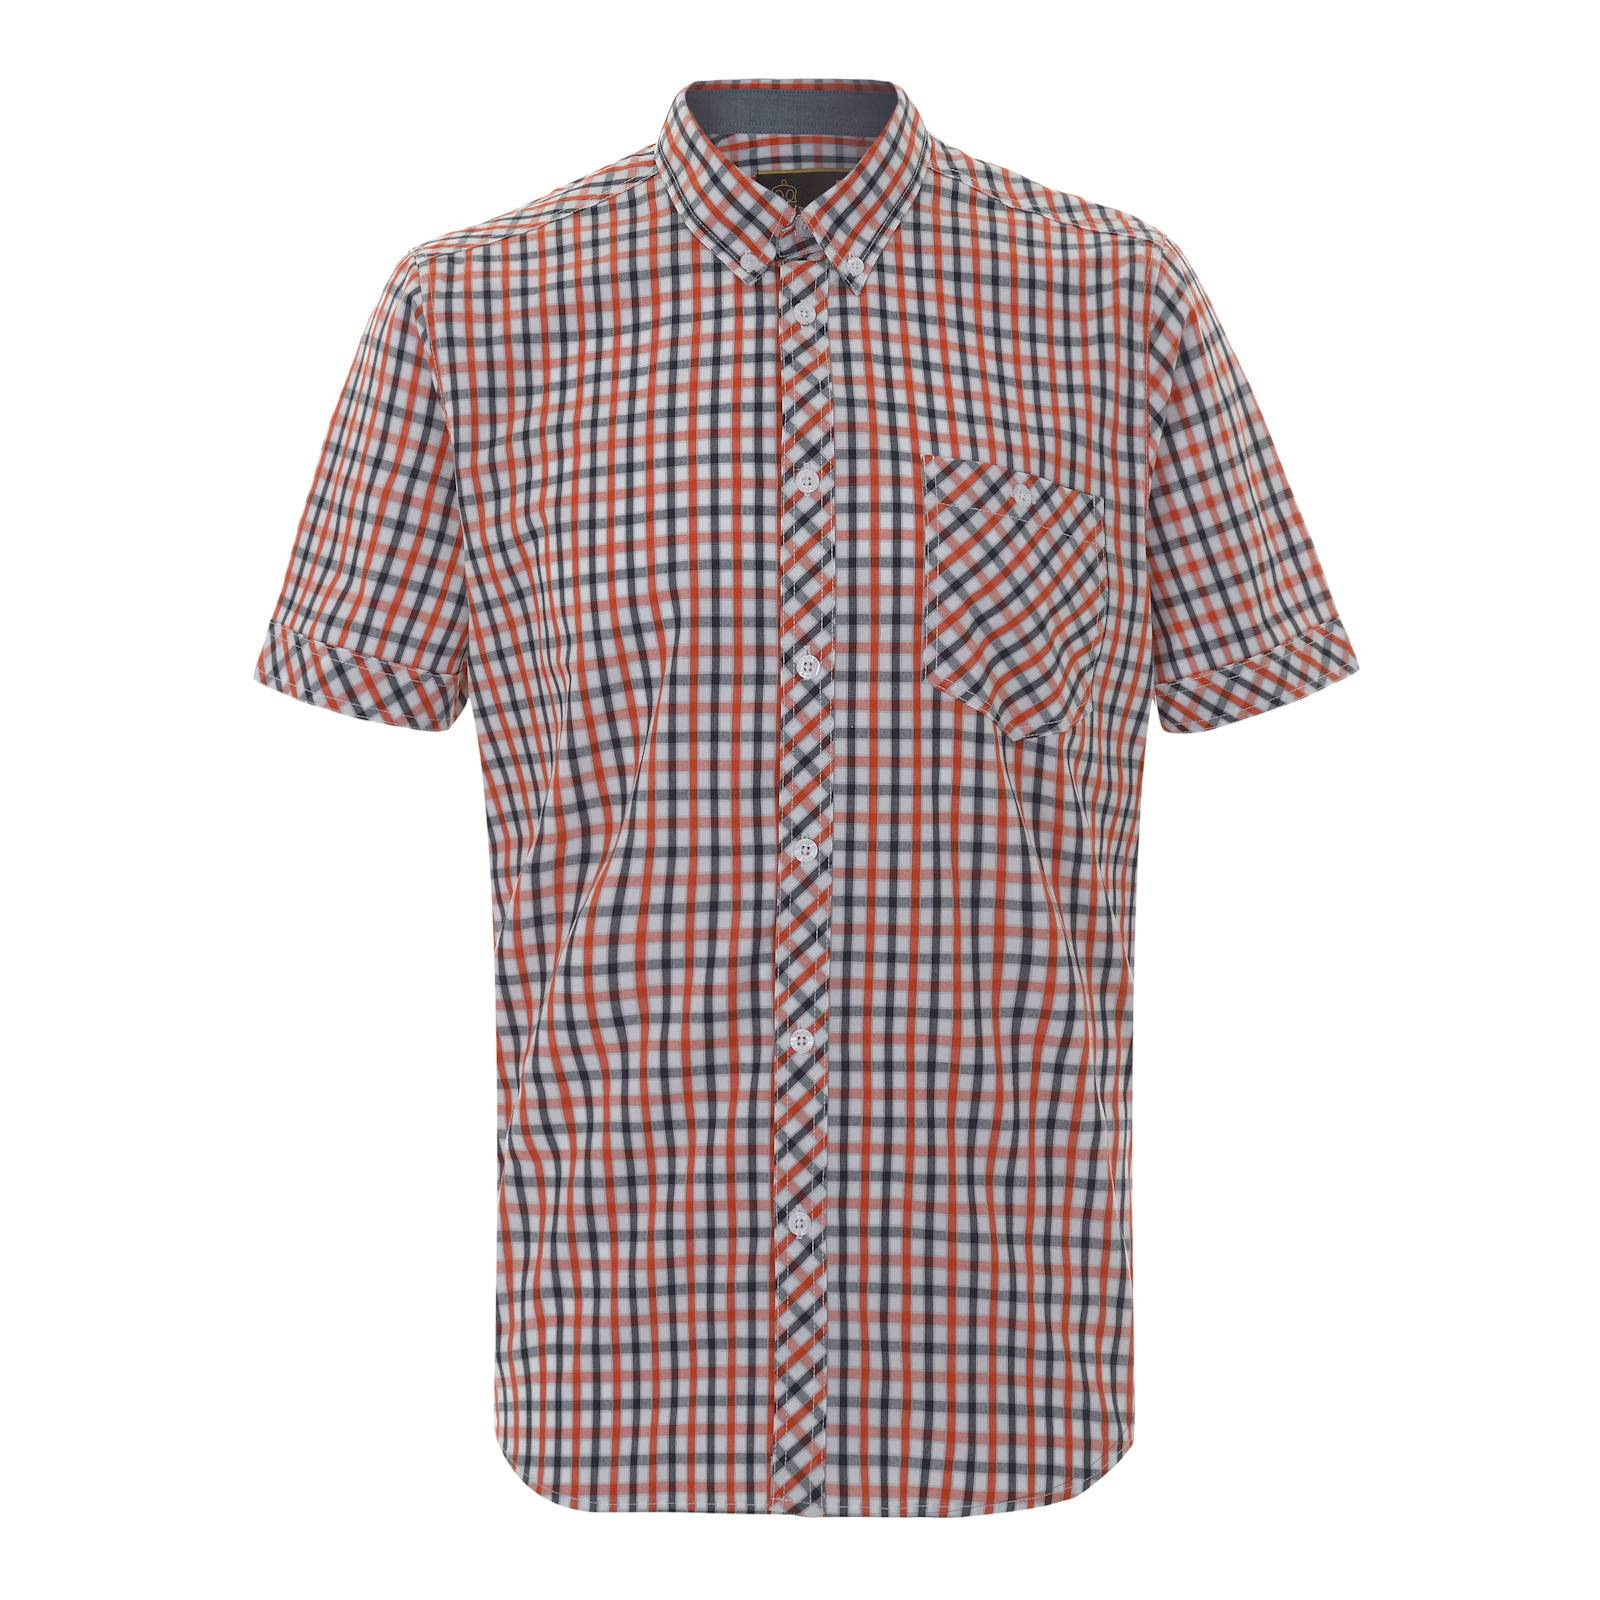 Рубашка JekyllРубашки<br><br><br>Артикул: 1515111<br>Материал: 65% полиэстер, 35% хлопок<br>Цвет: оранжевый<br>Пол: Мужской